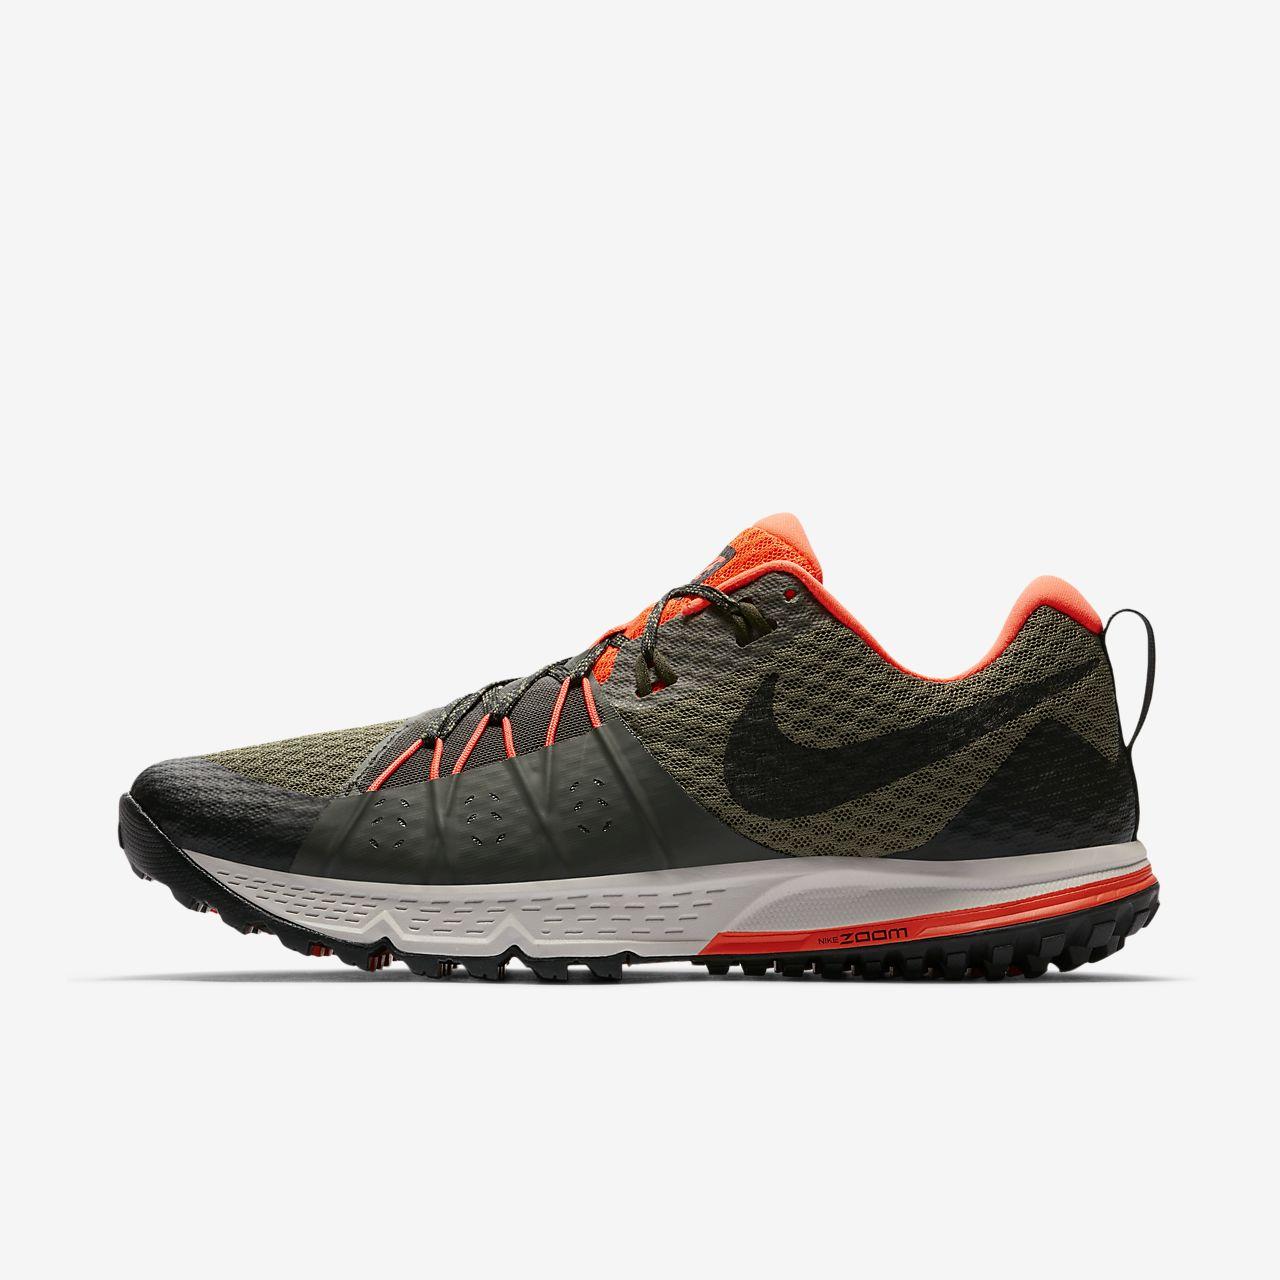 ... Nike Air Zoom Wildhorse 4 - løbesko til mænd